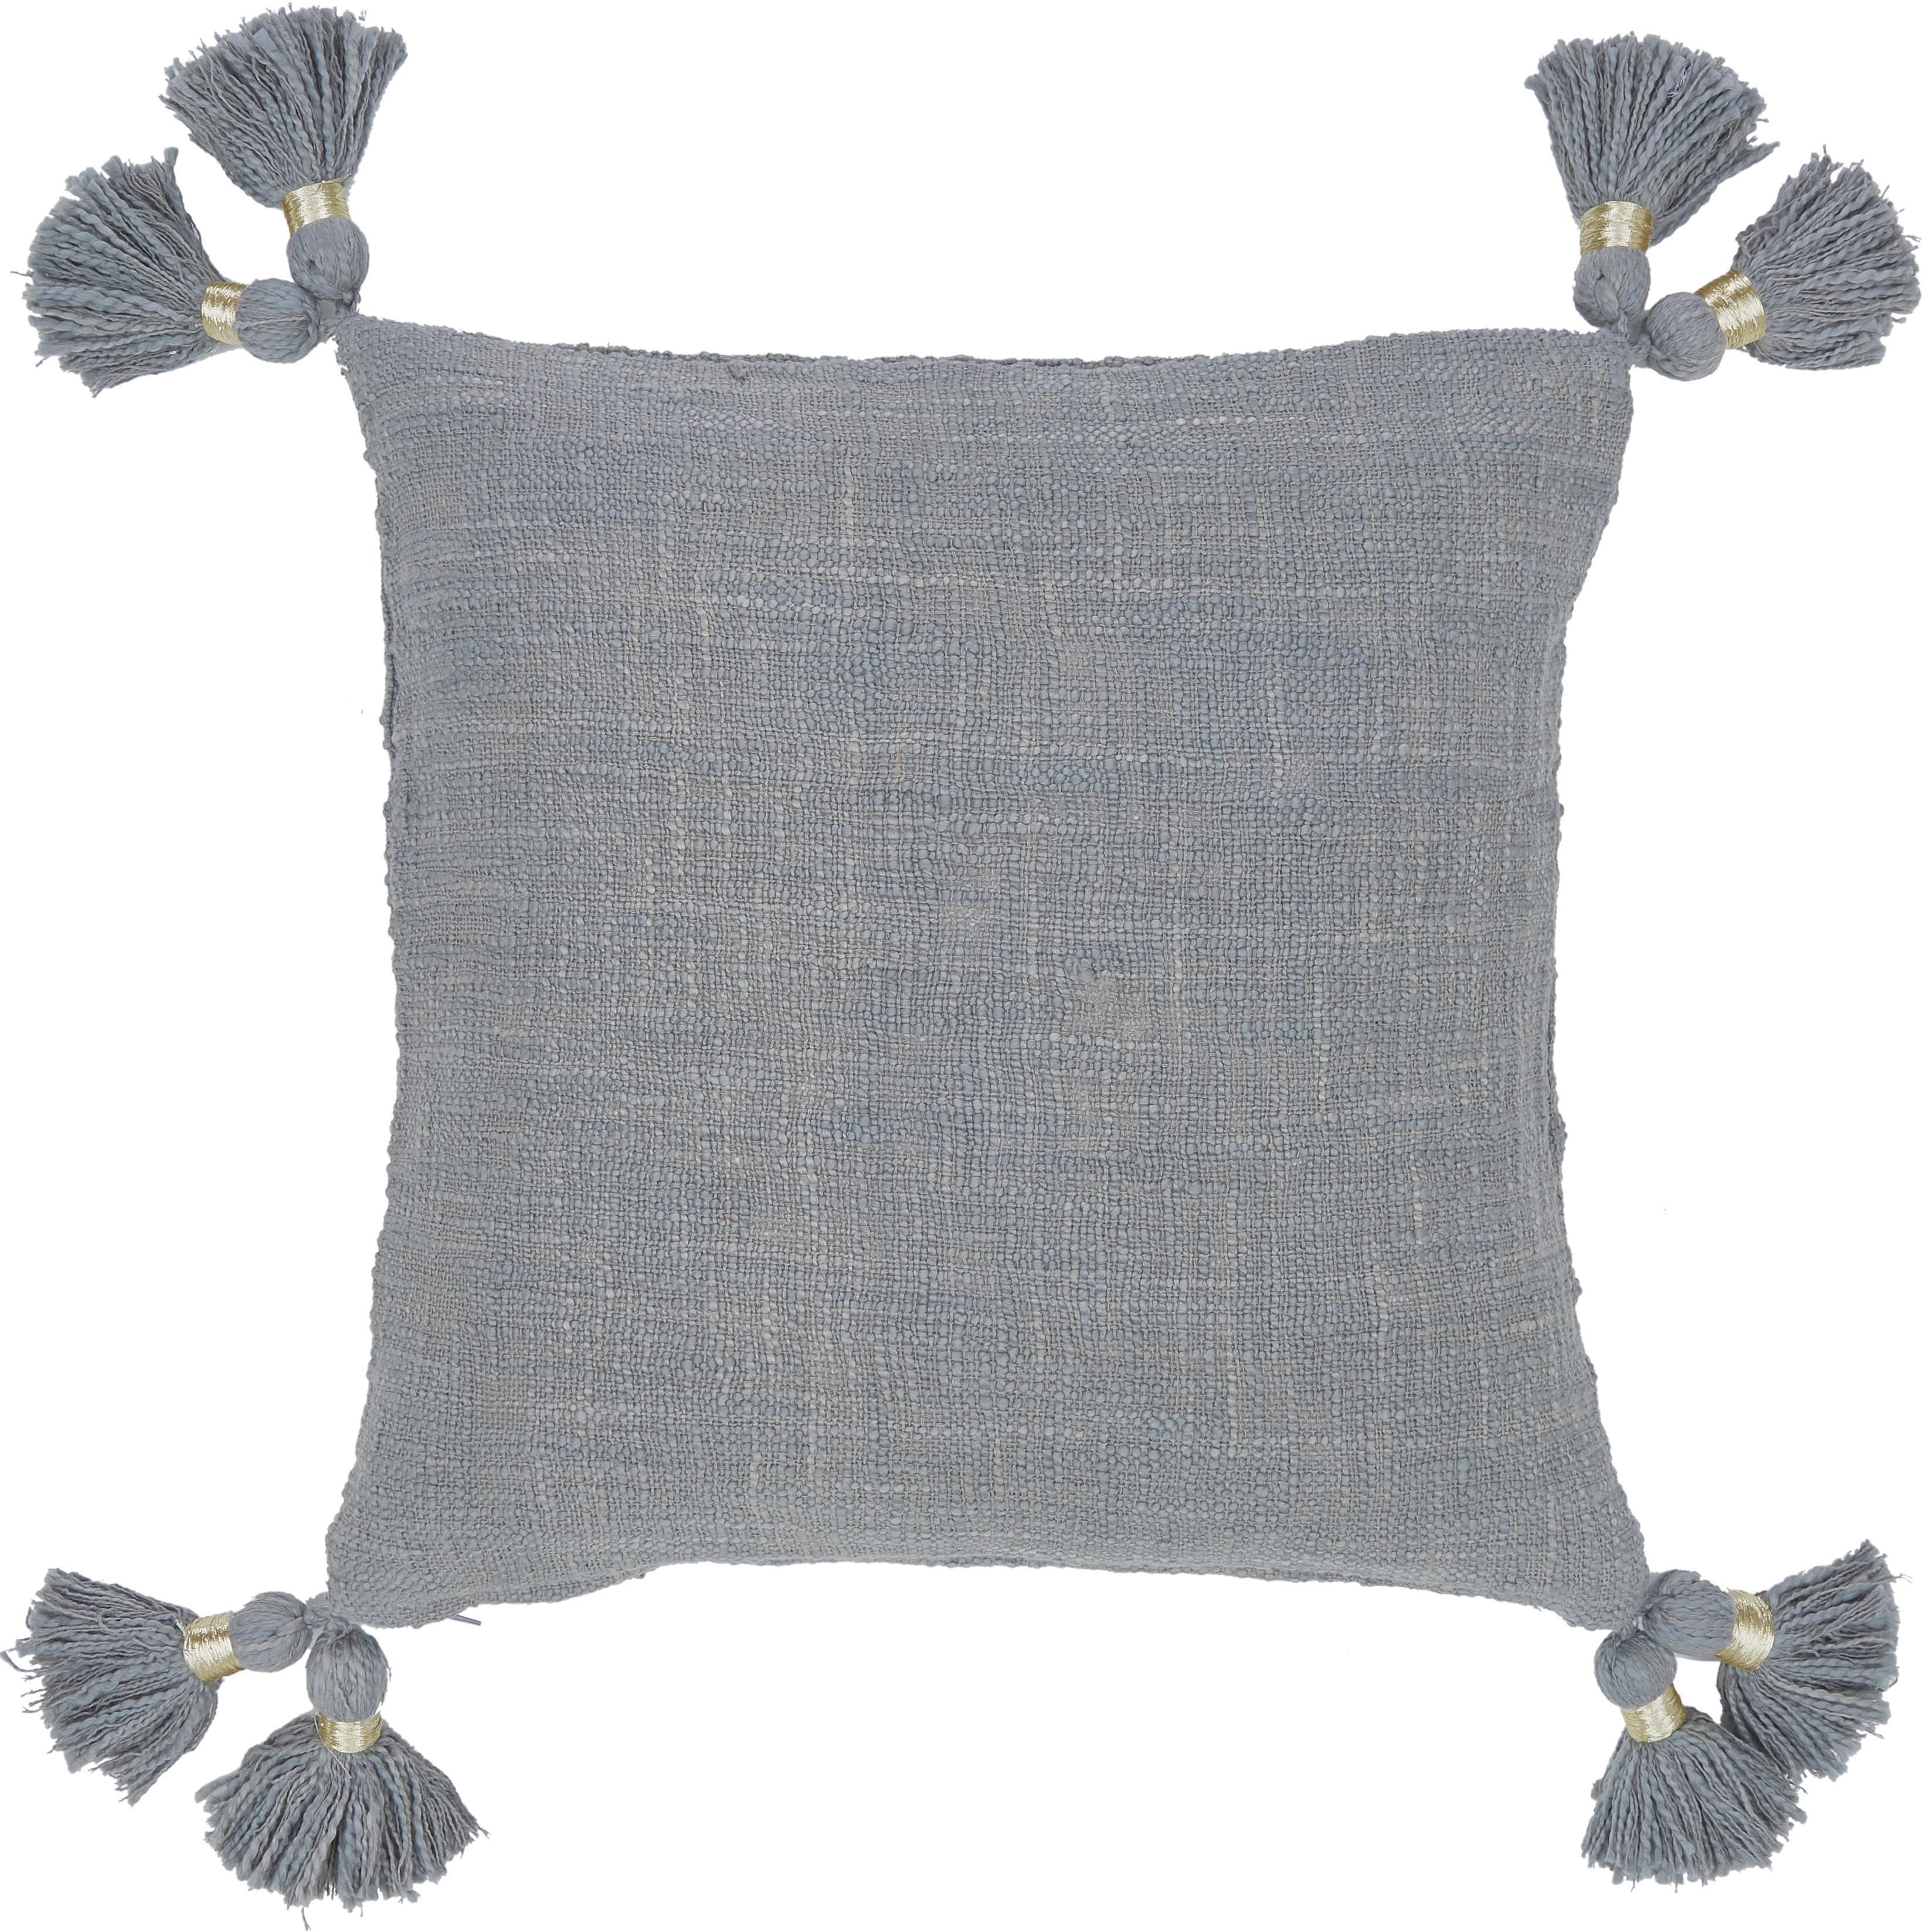 Funda de algodón ecológico de cojín con borlas Fly, 100%algodón ecológico, Gris, An 45 x L 45 cm